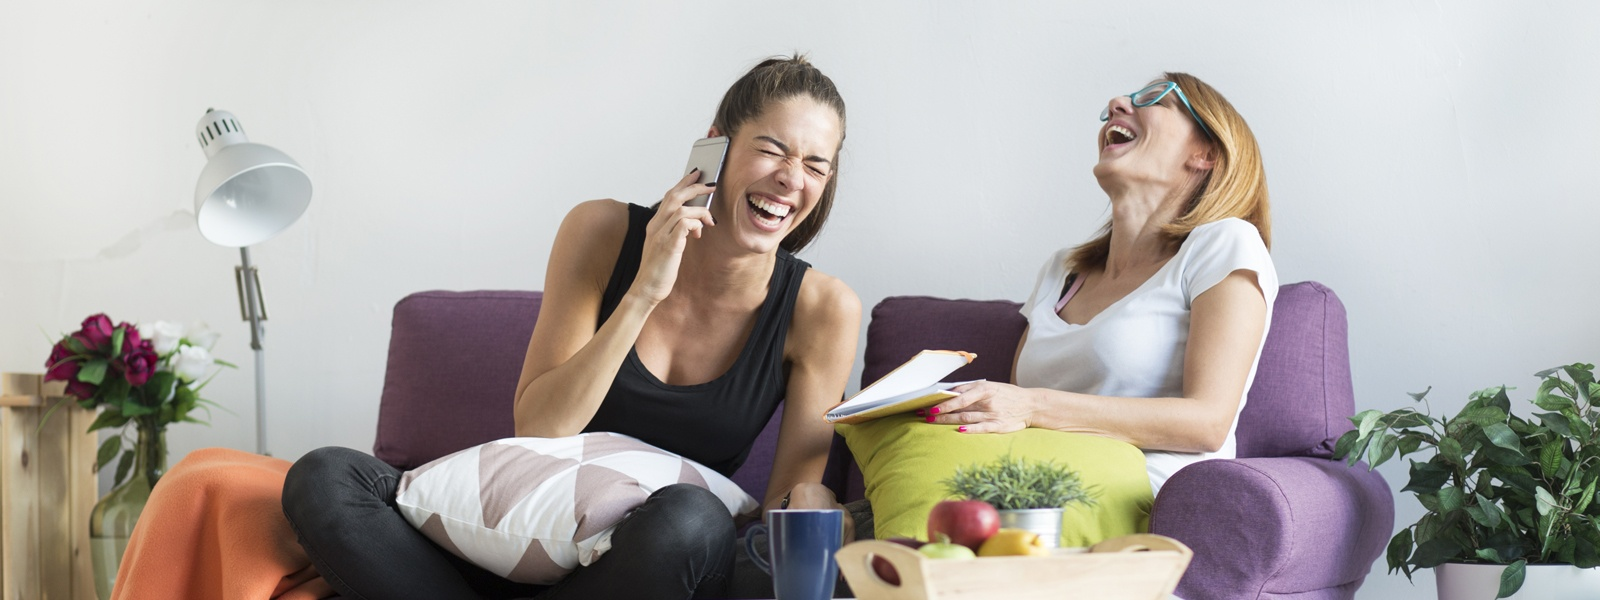 Cómo planificar los gastos en un apartamento compartido